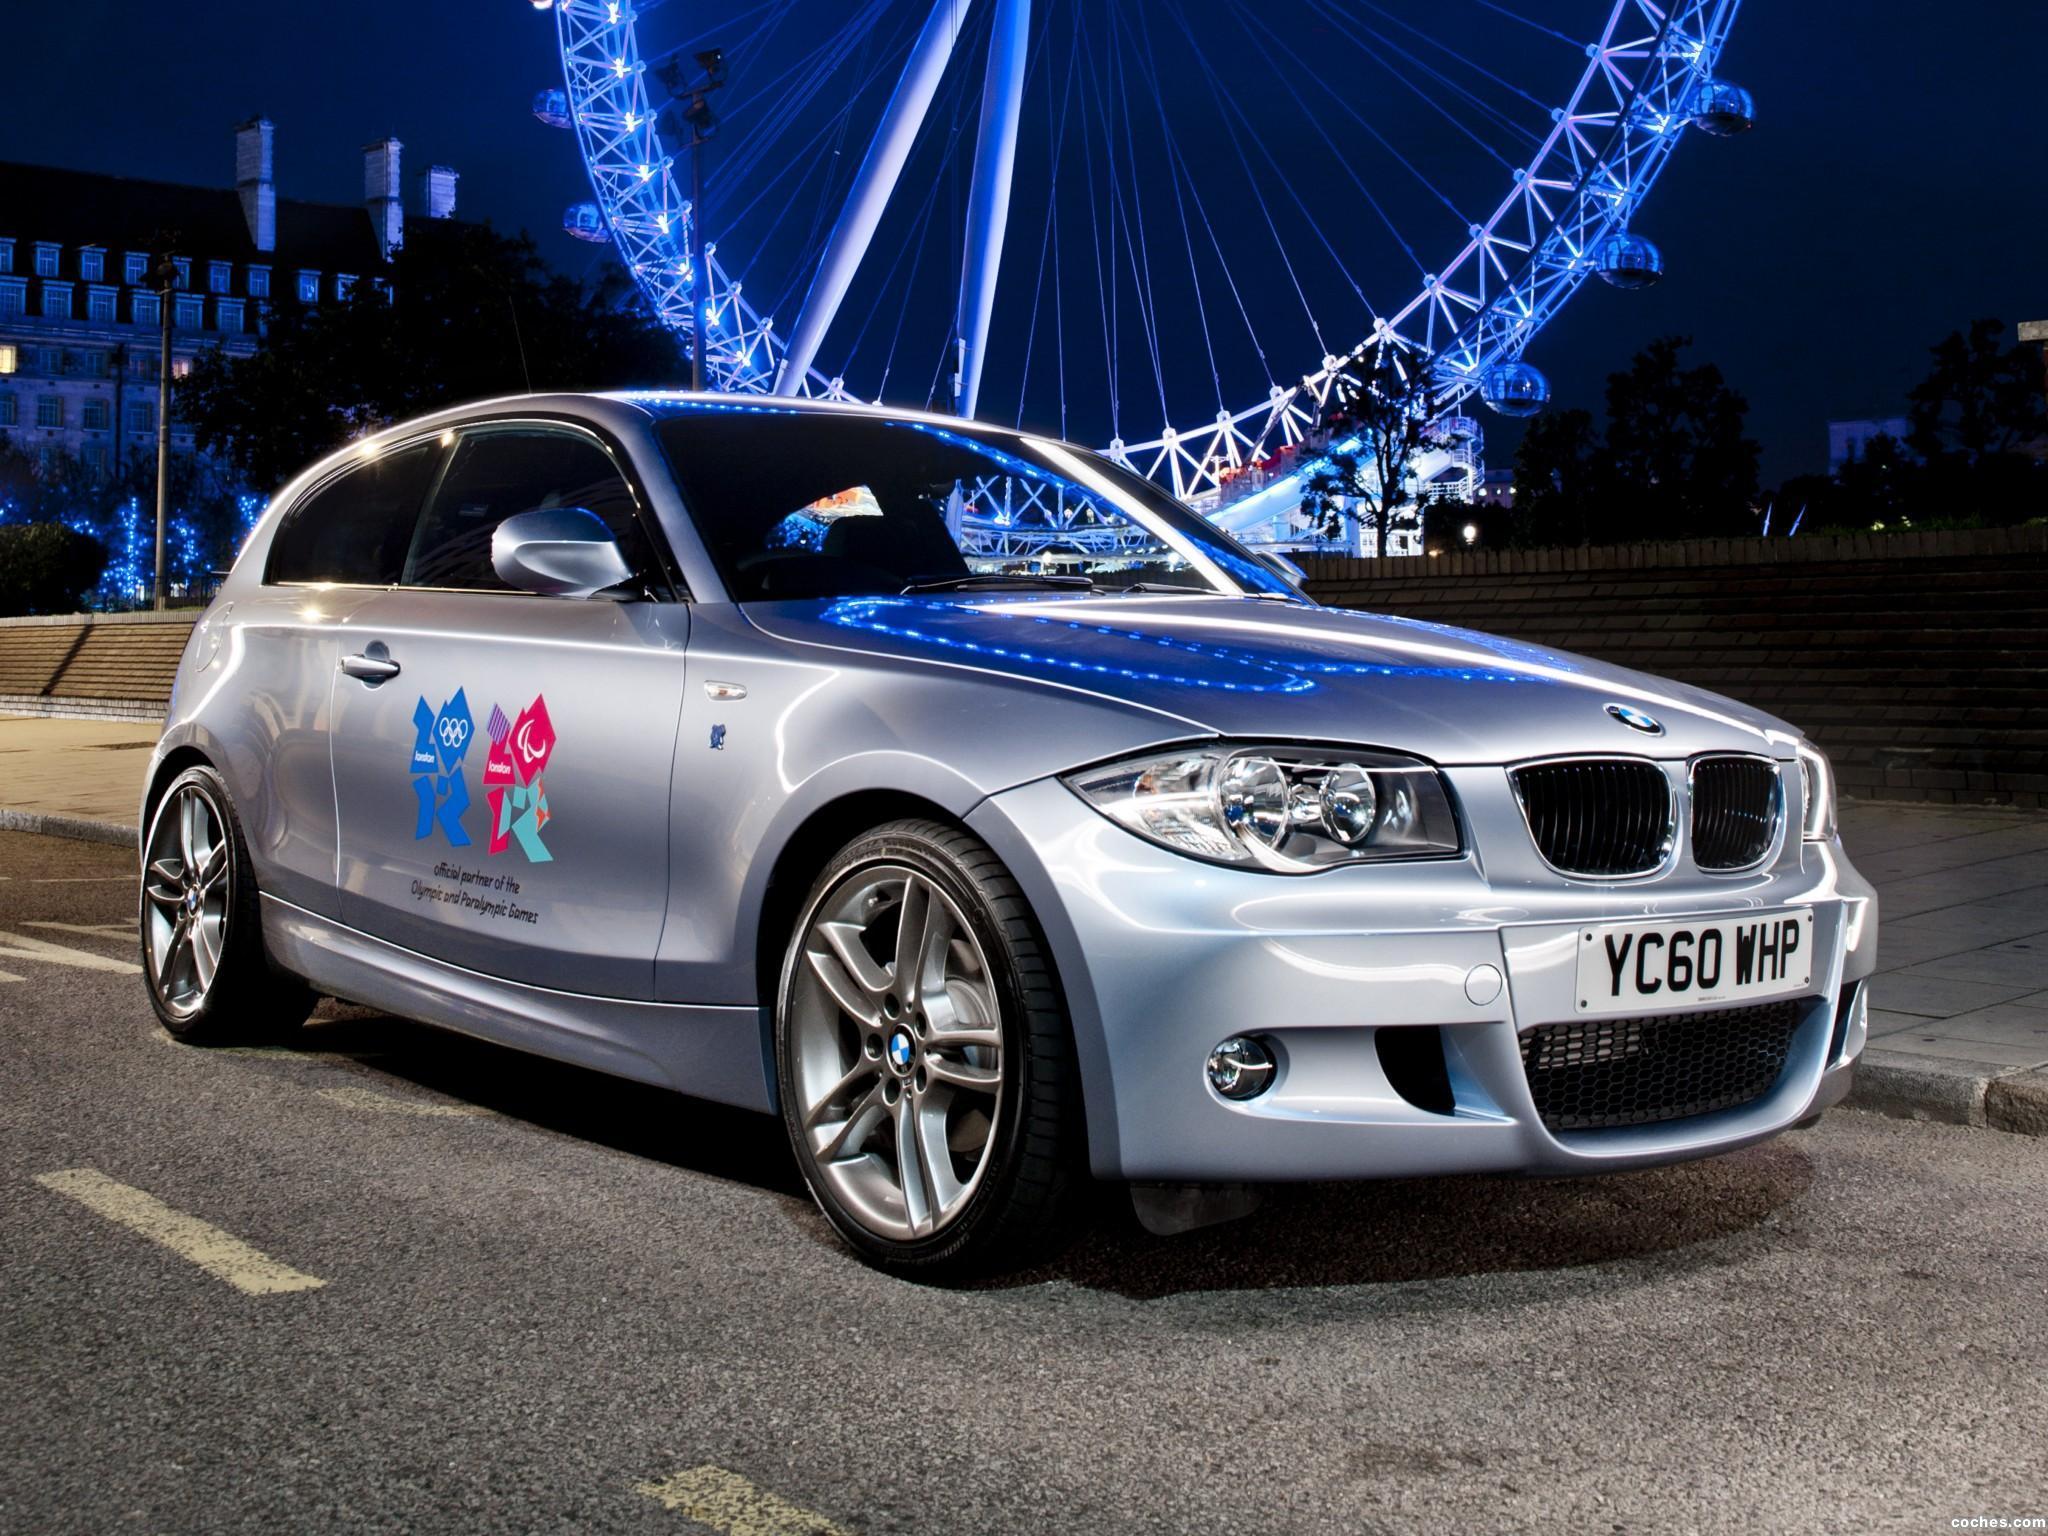 Foto 0 de BMW Serie 1 3 puertas Performance Edition E81 UK 2011